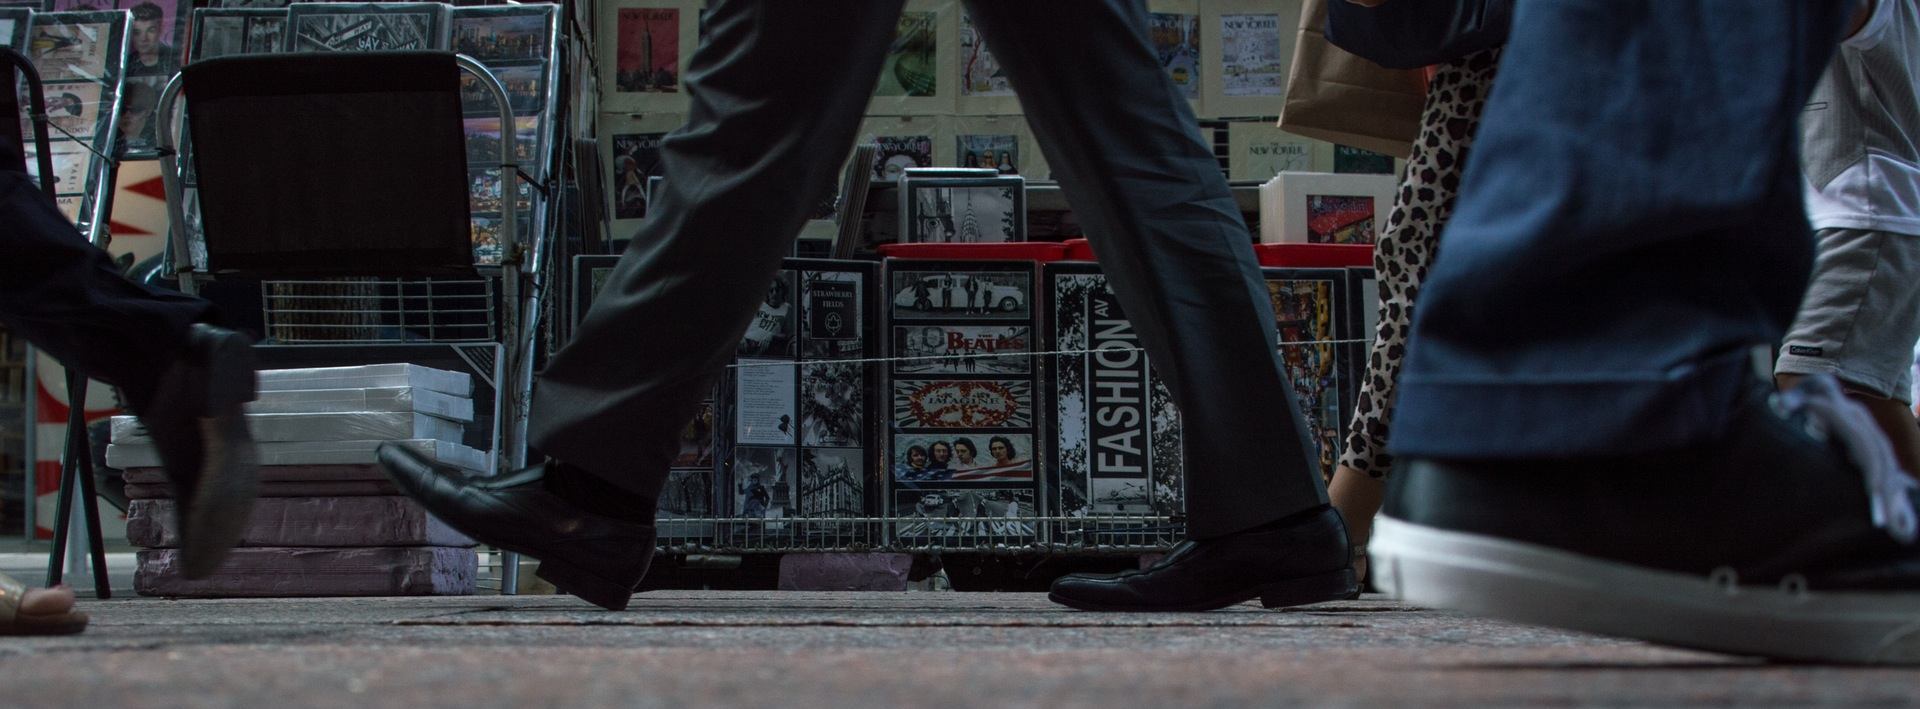 设置, 人, 双脚, 双腿, 街道, 道路, 业务 - 高清壁纸 - 教授-falken.com